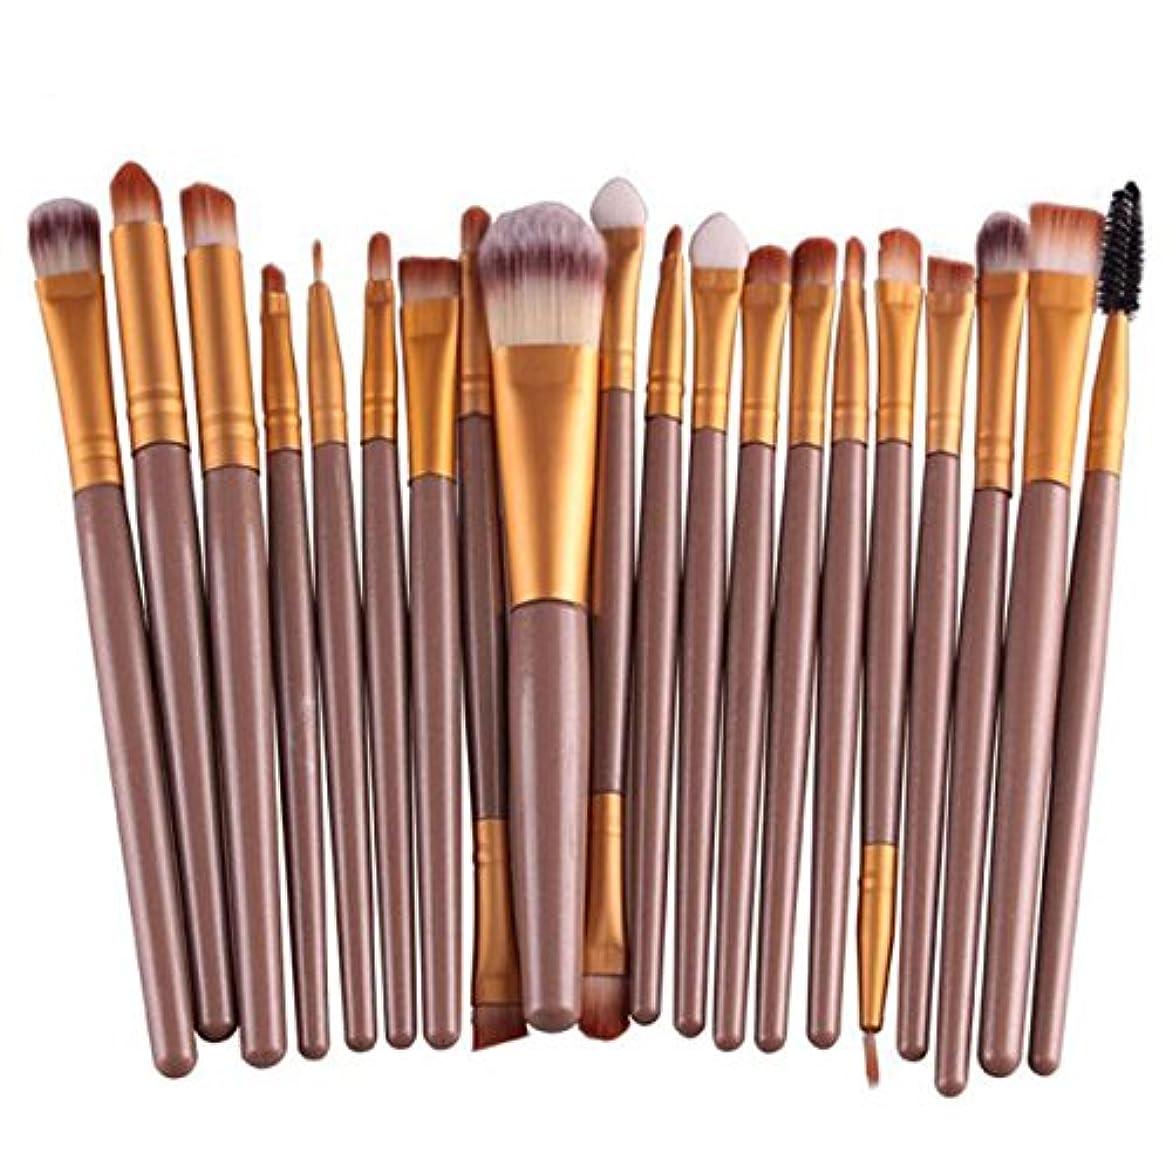 ほぼ恨み割合Professional 20pcs/set makeup brushes Foundation Powder Eyeshadow Blush Eyebrow Lip brush cosmetic tools maquiagem